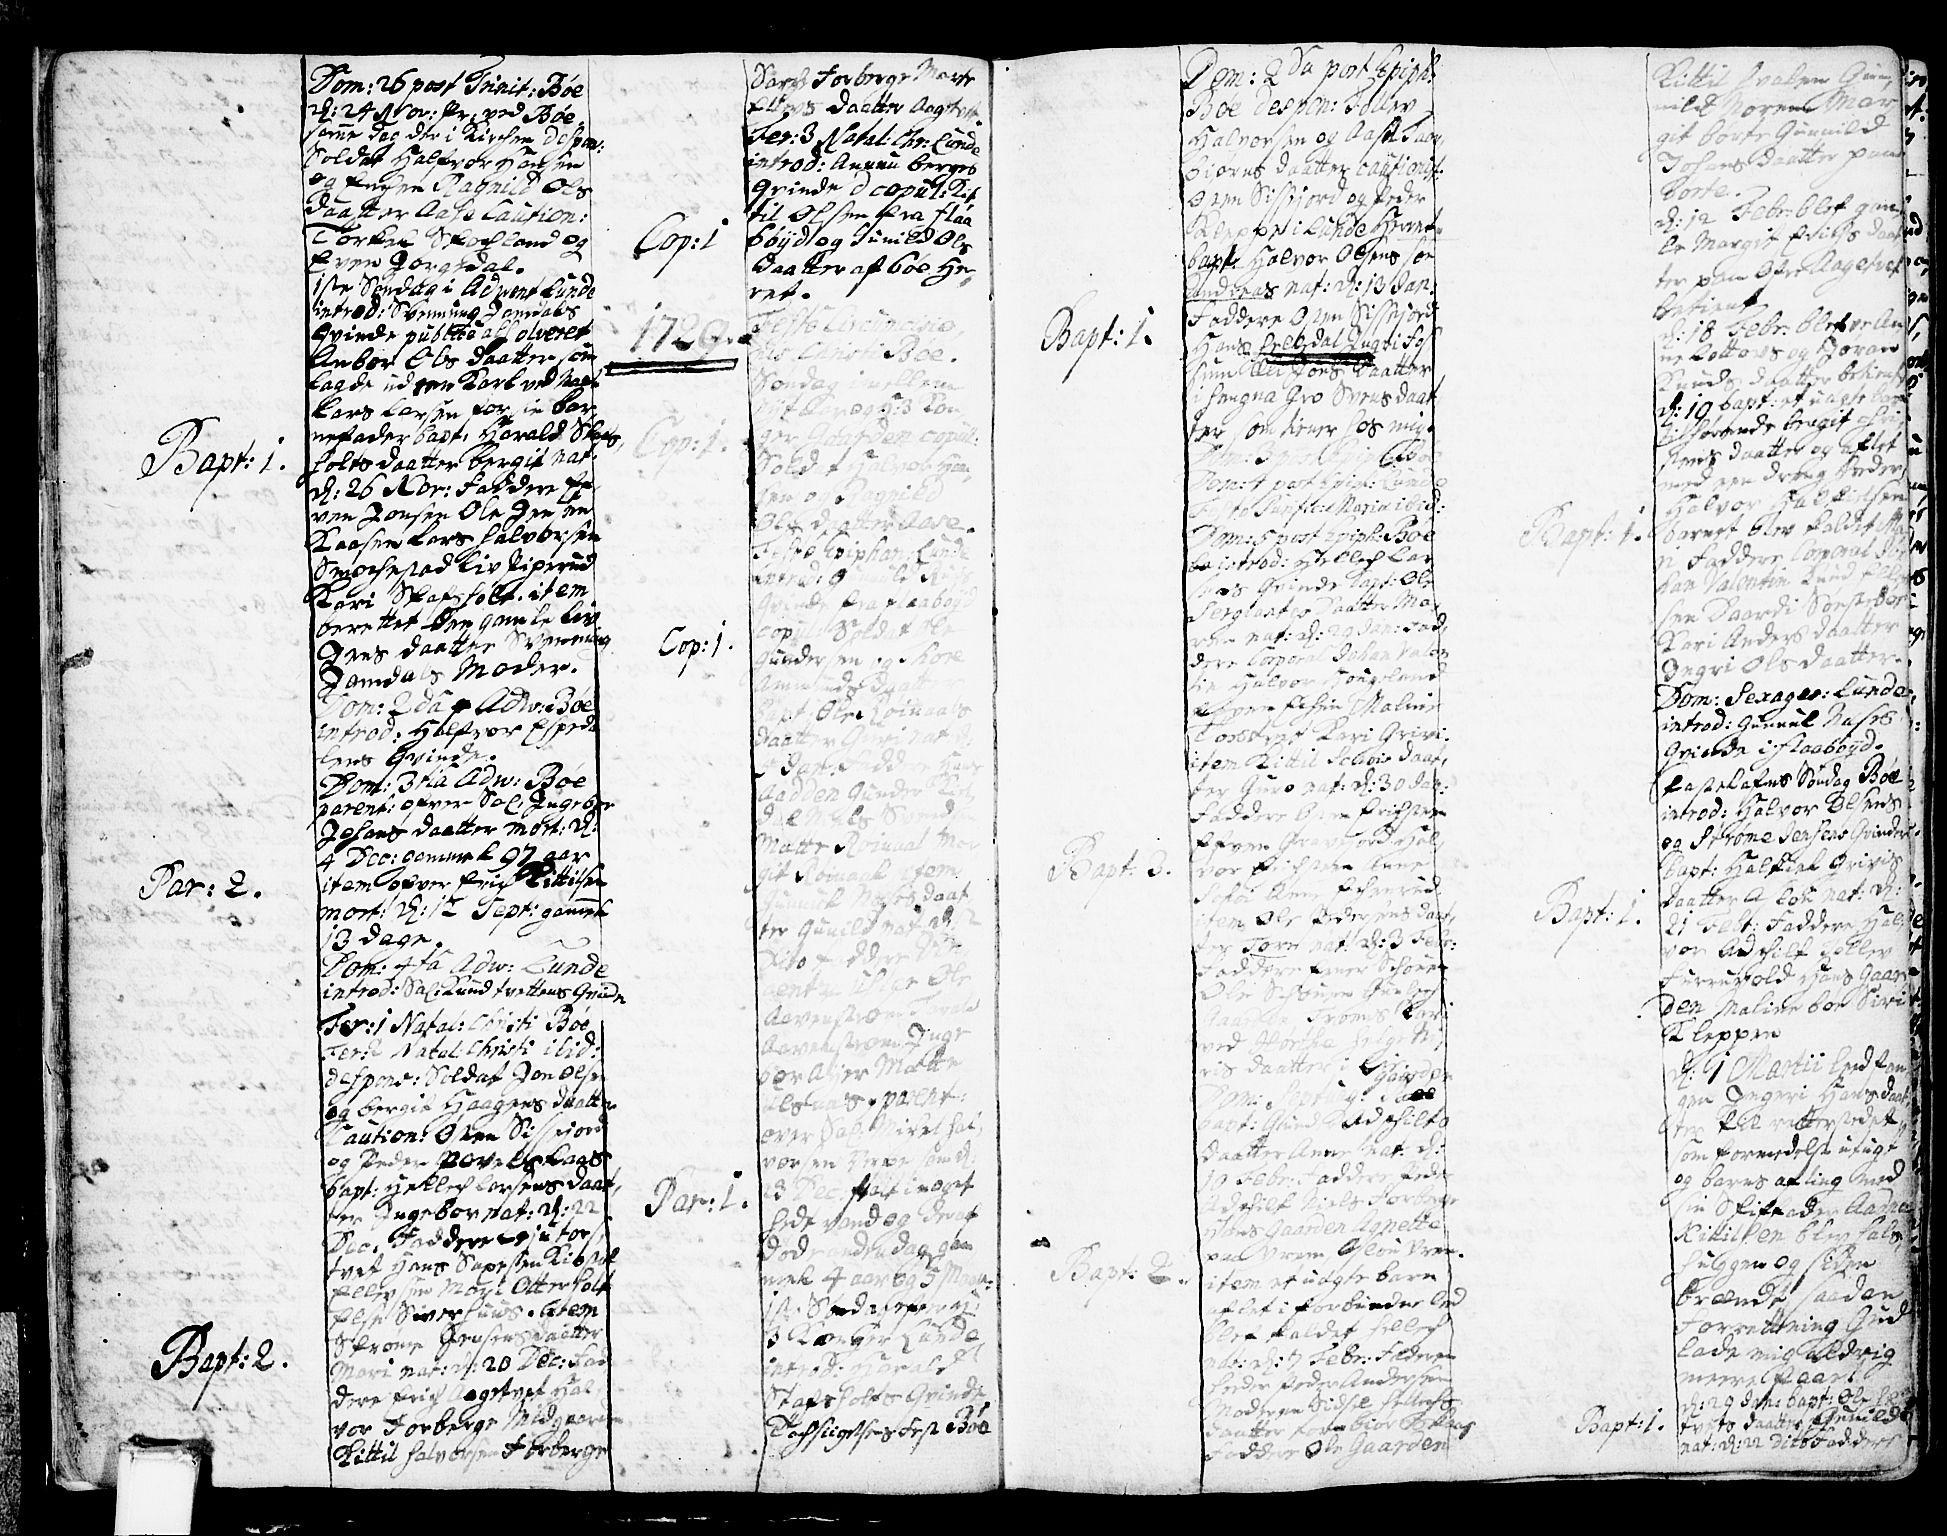 SAKO, Bø kirkebøker, F/Fa/L0002: Ministerialbok nr. 2, 1726-1732